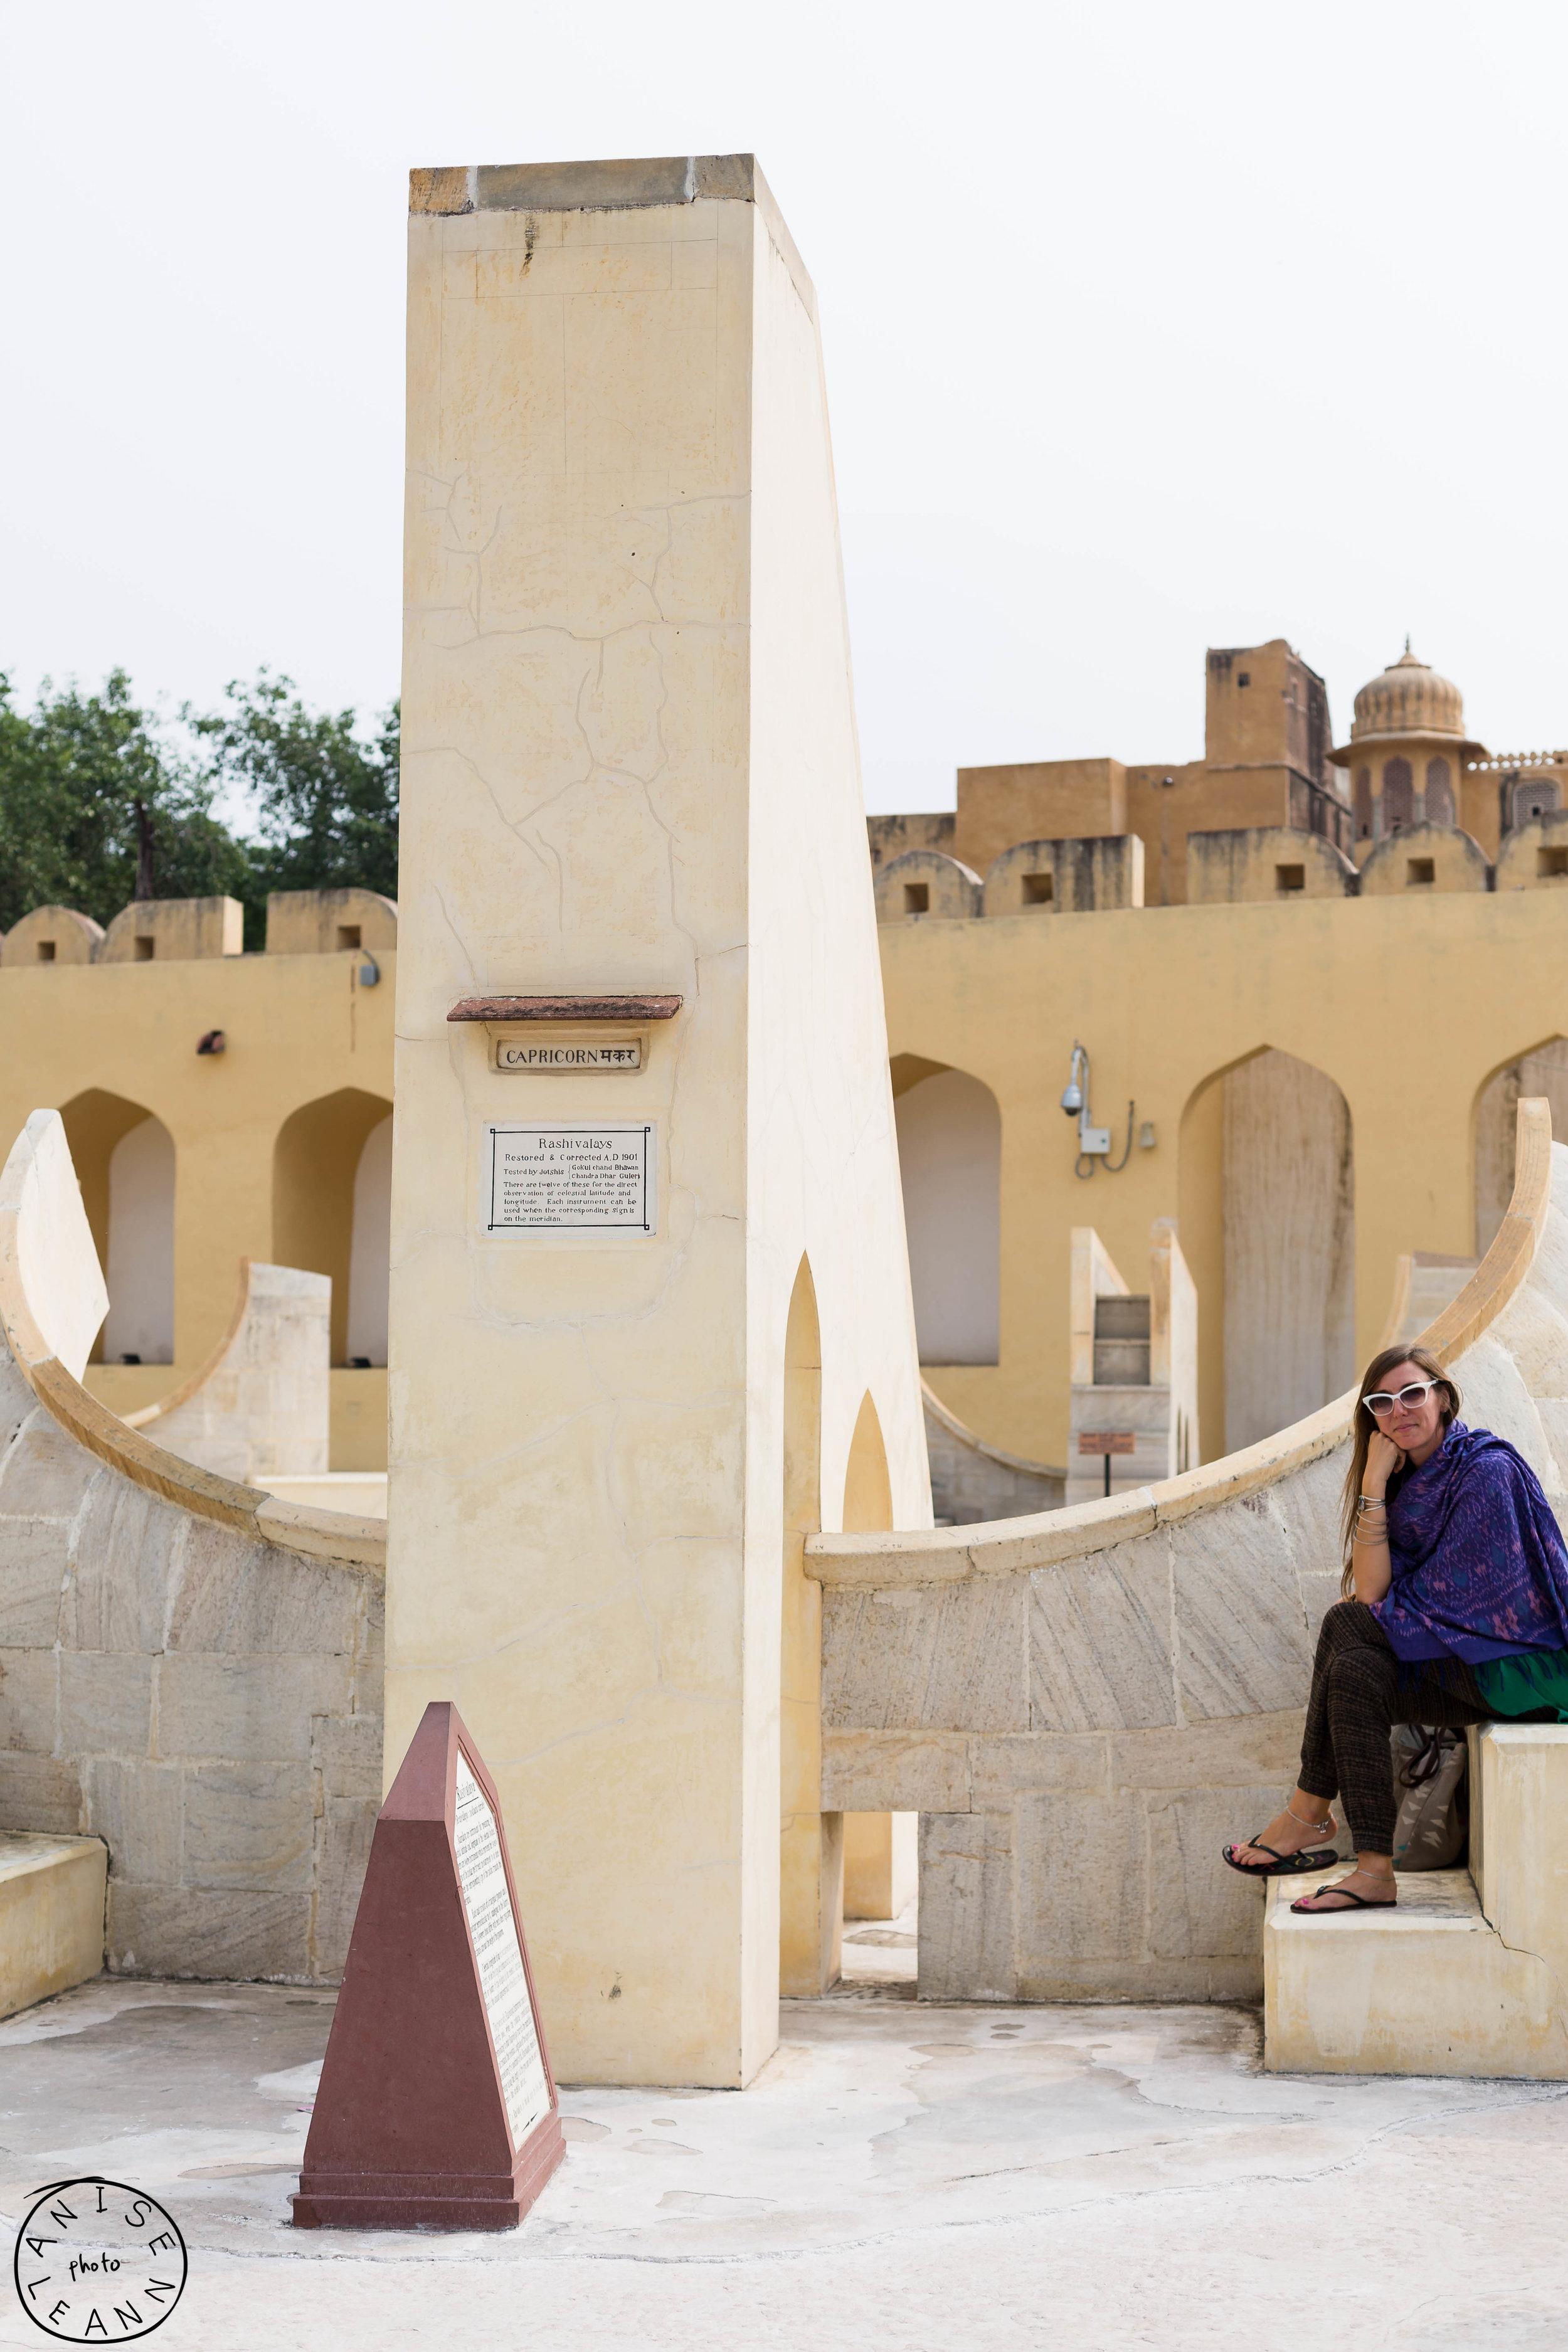 India-Jaipur-Day1-45.jpg